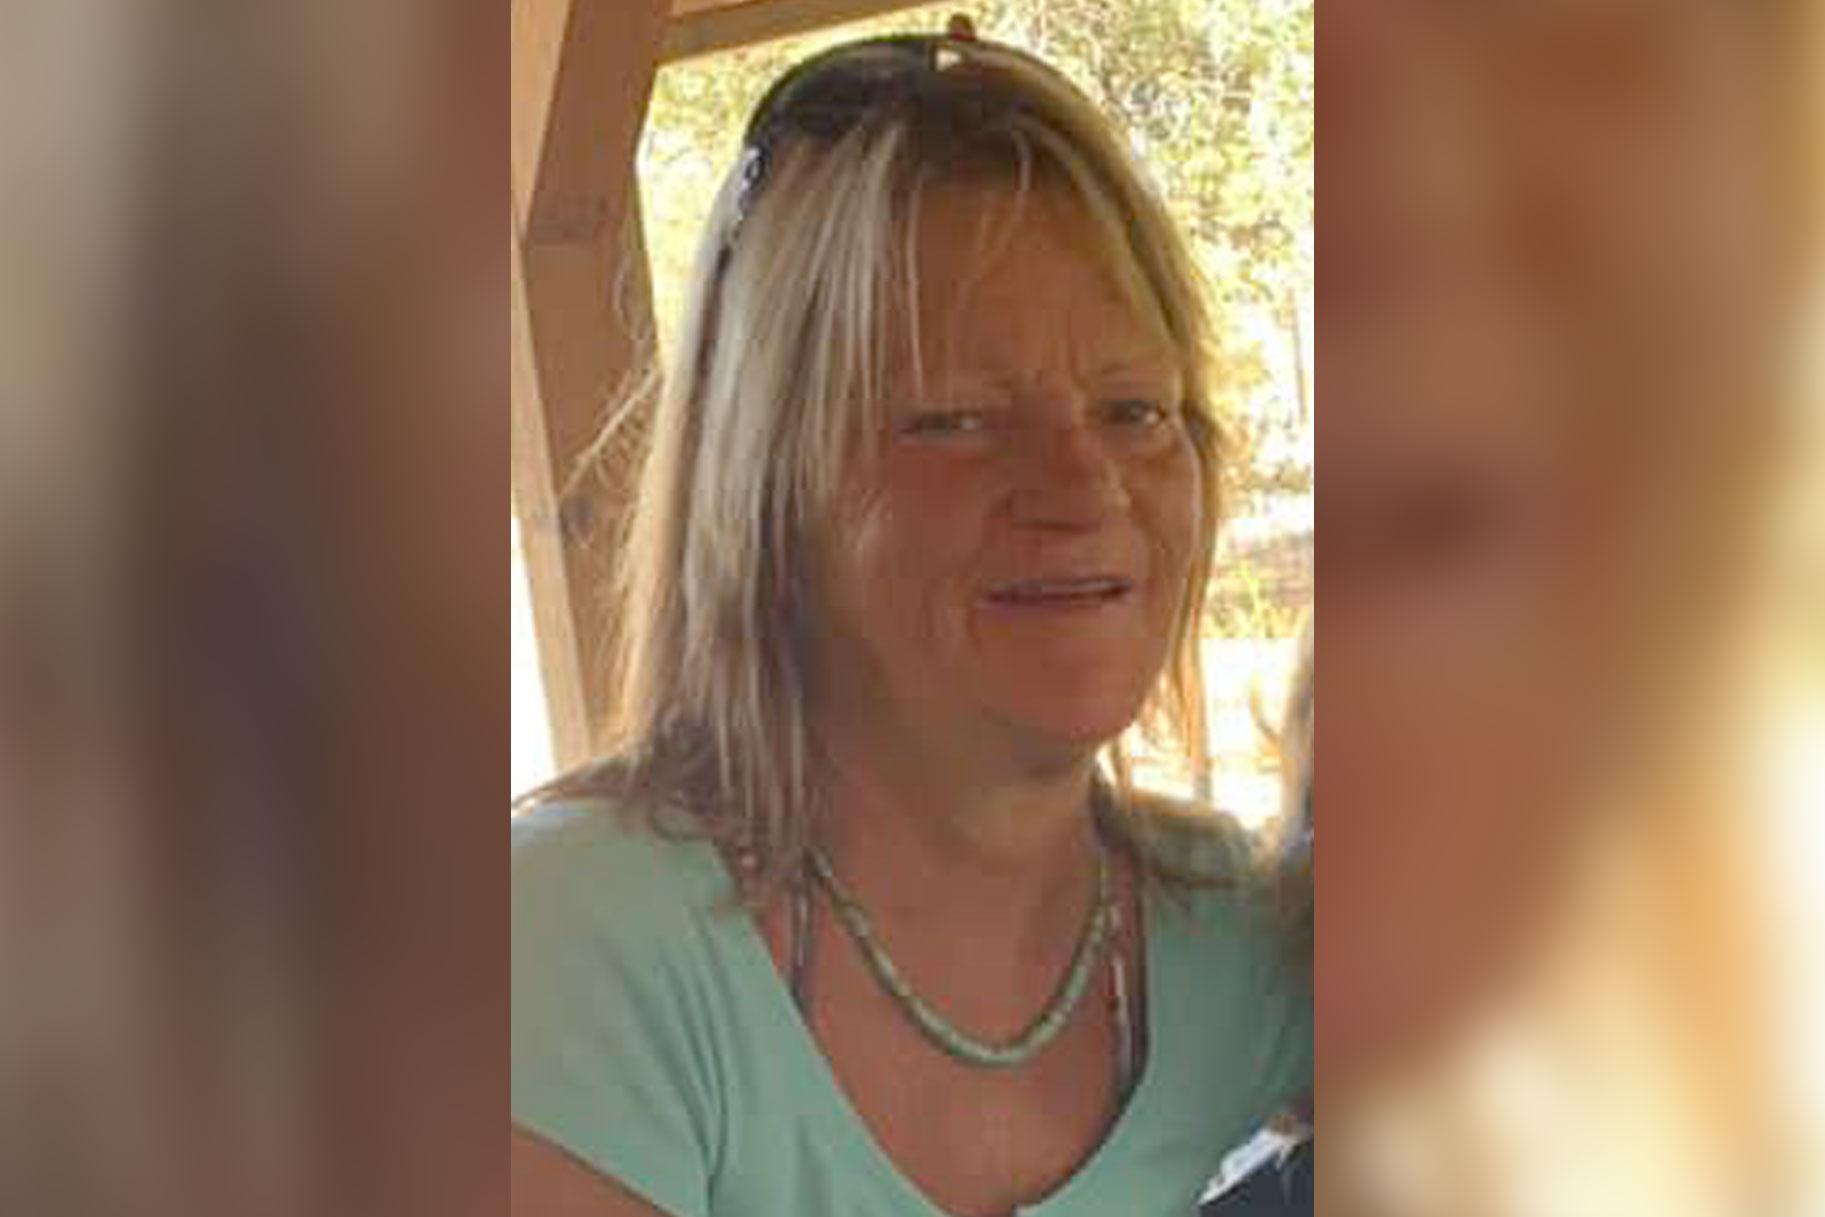 אישה בקליפורניה מתה מנסה להגן על אמה הקשישה מפני התוקף